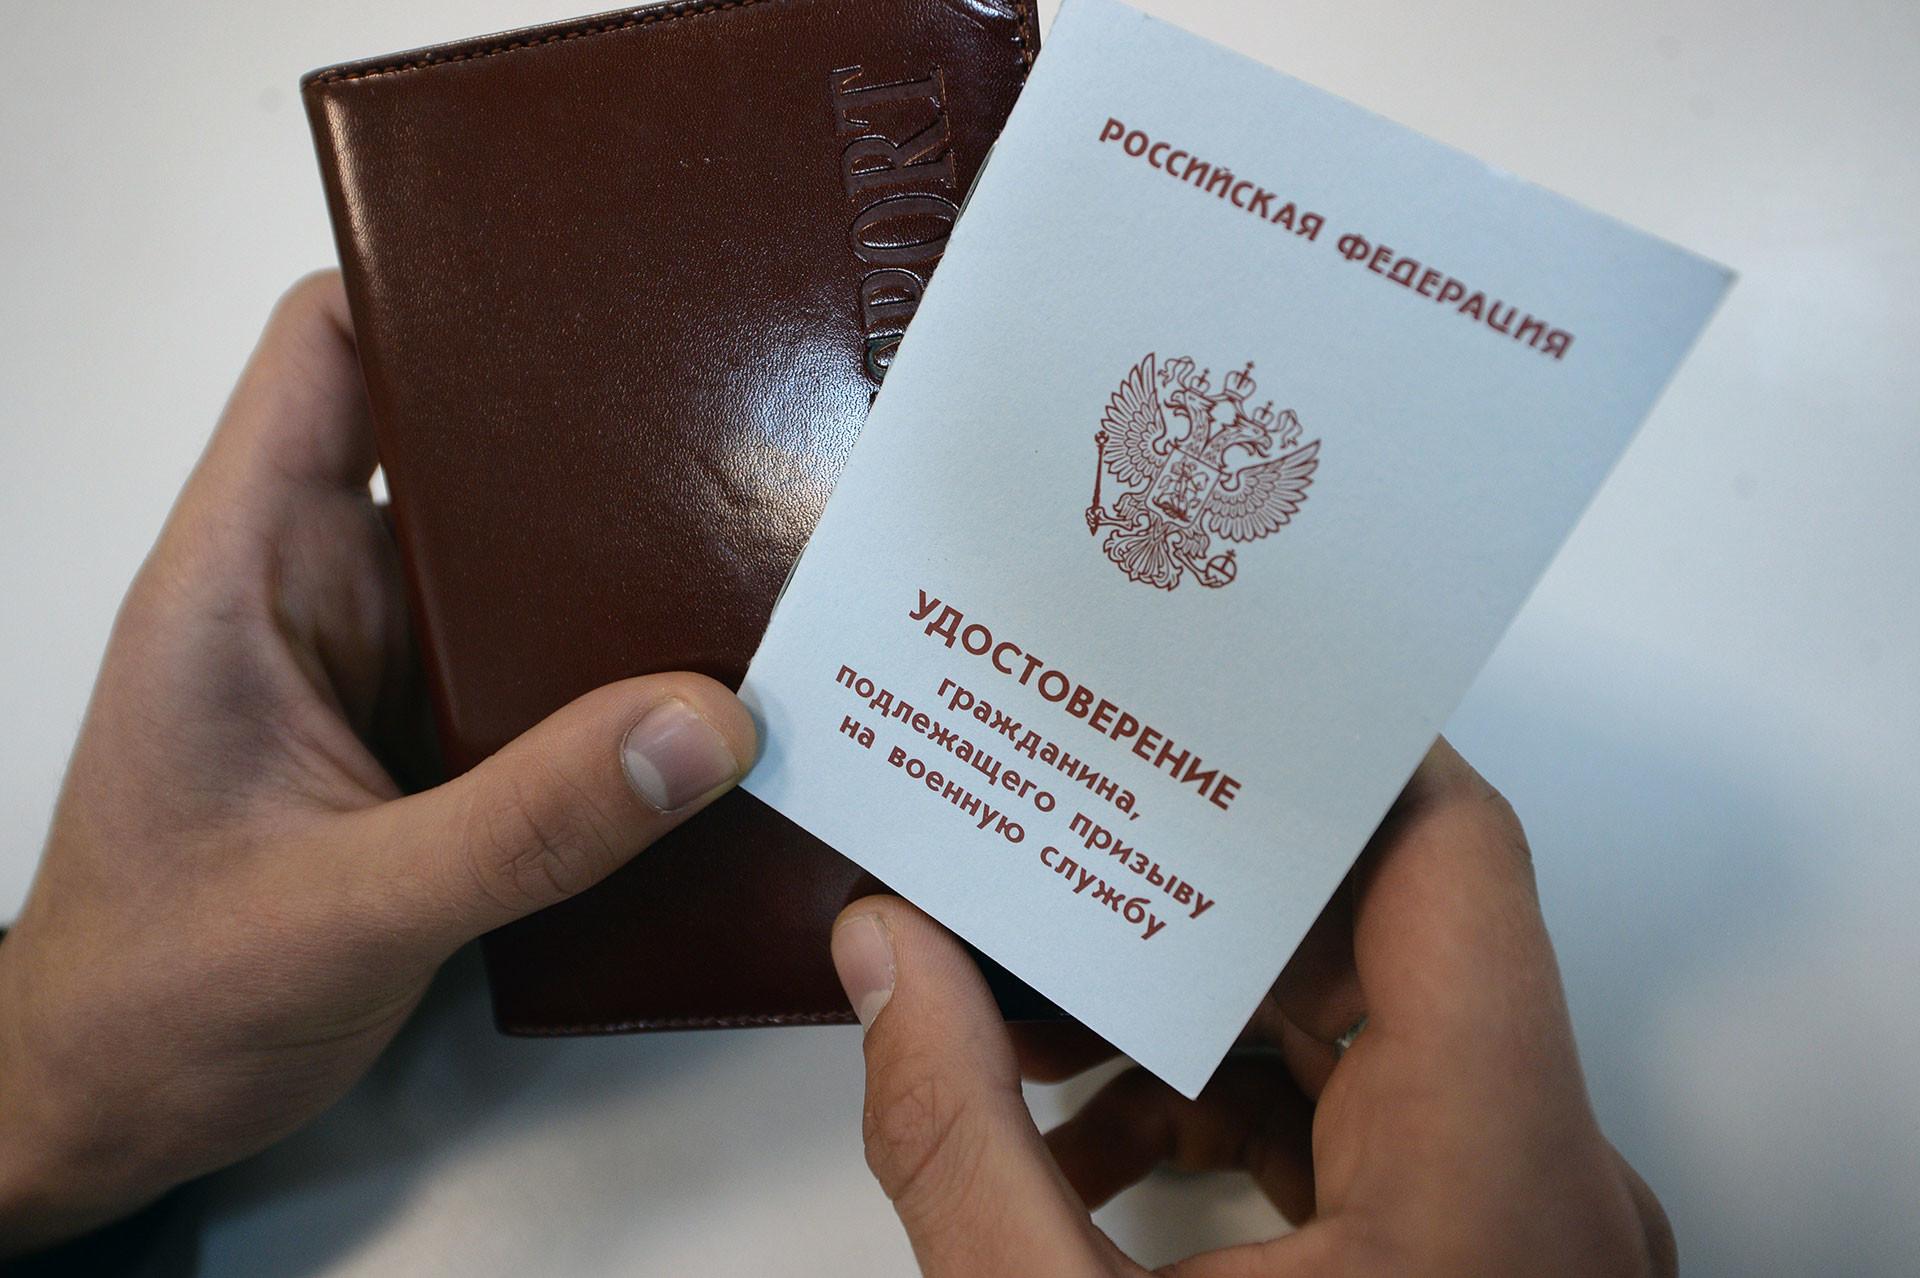 Фото © РИА Новости/Павел Лисицын